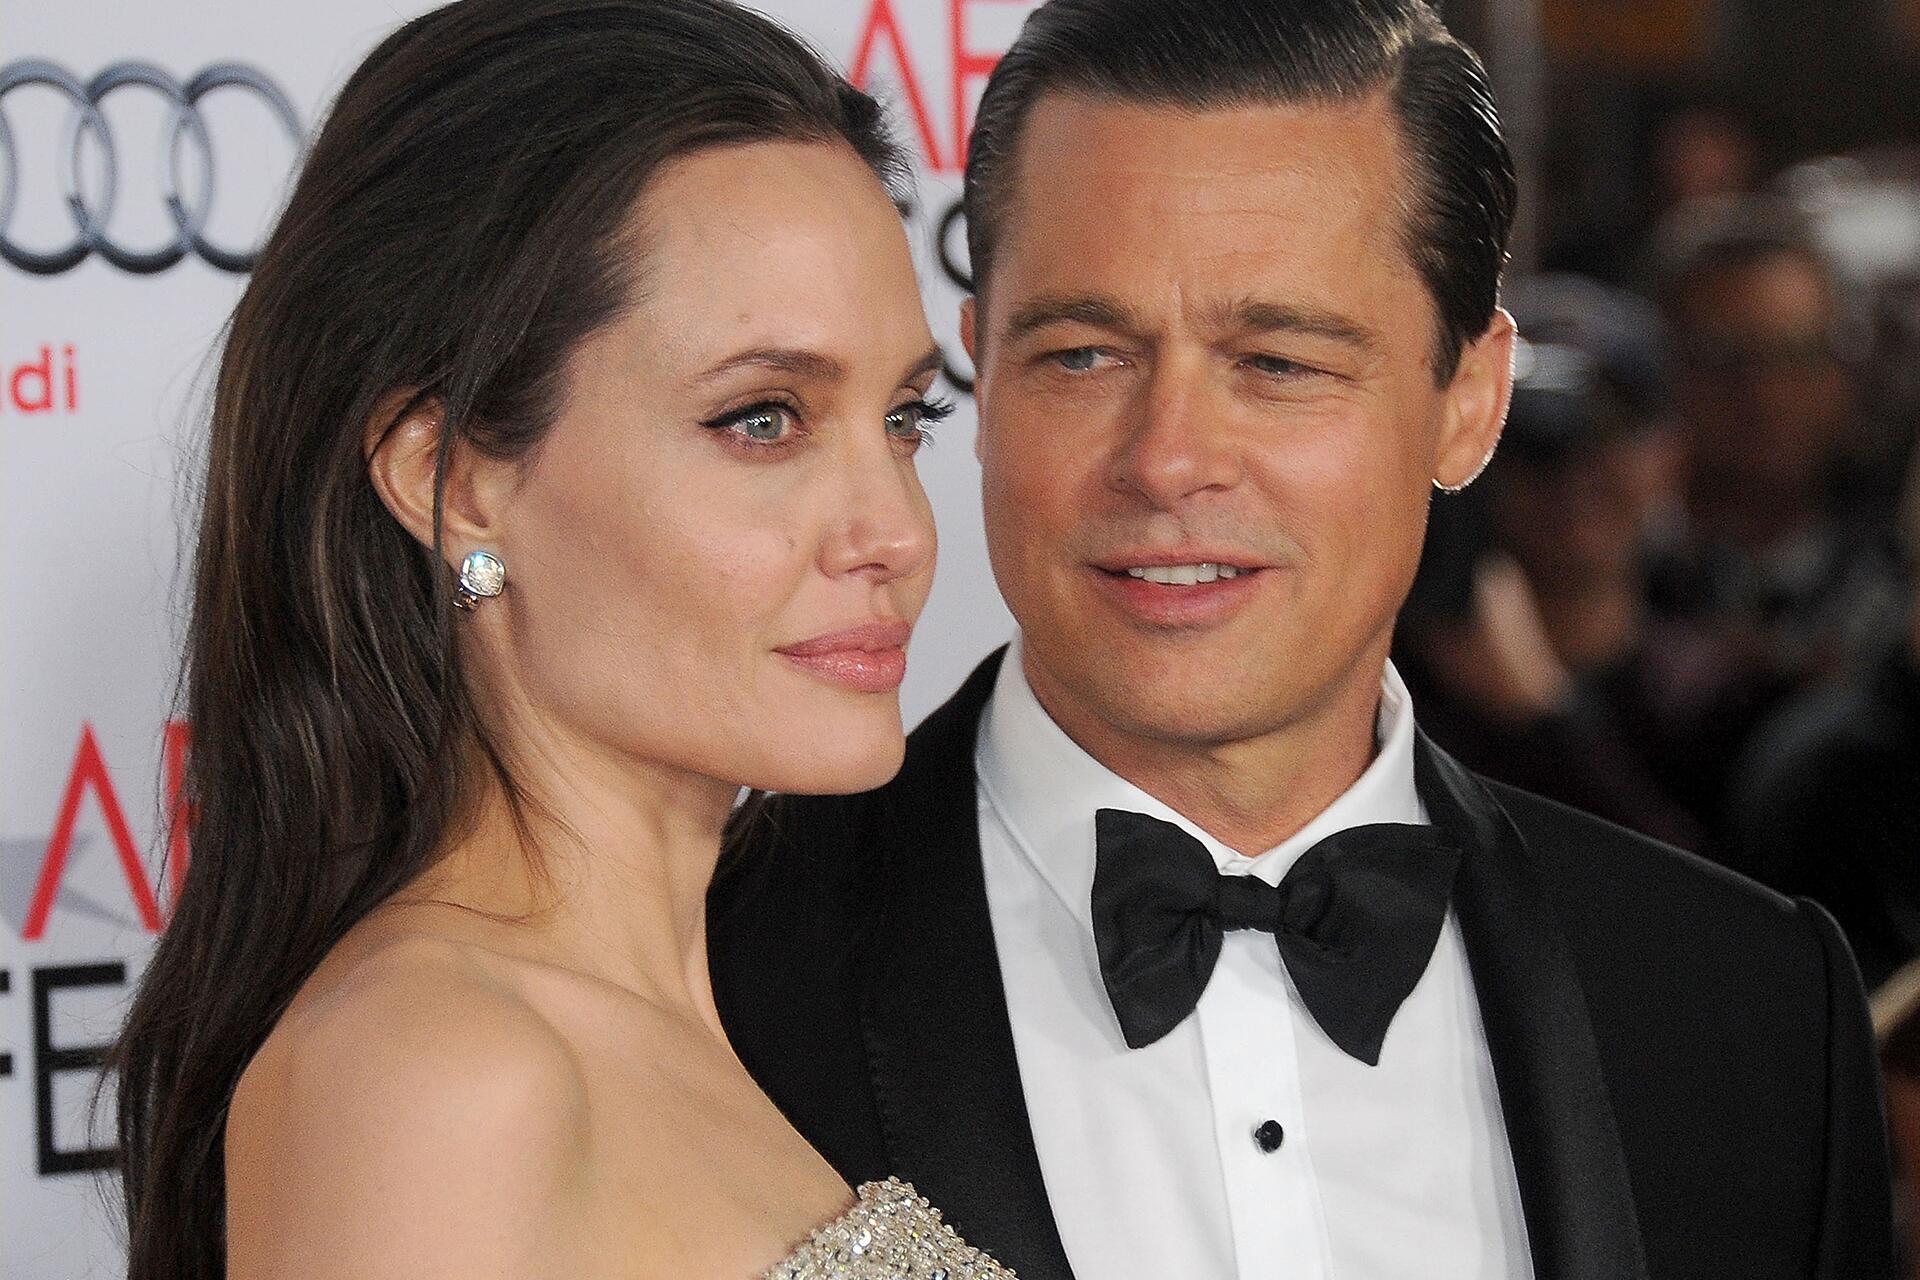 Bild zu Angelina Jolie, Brad Pitt, Scheidung, Trennung, reden